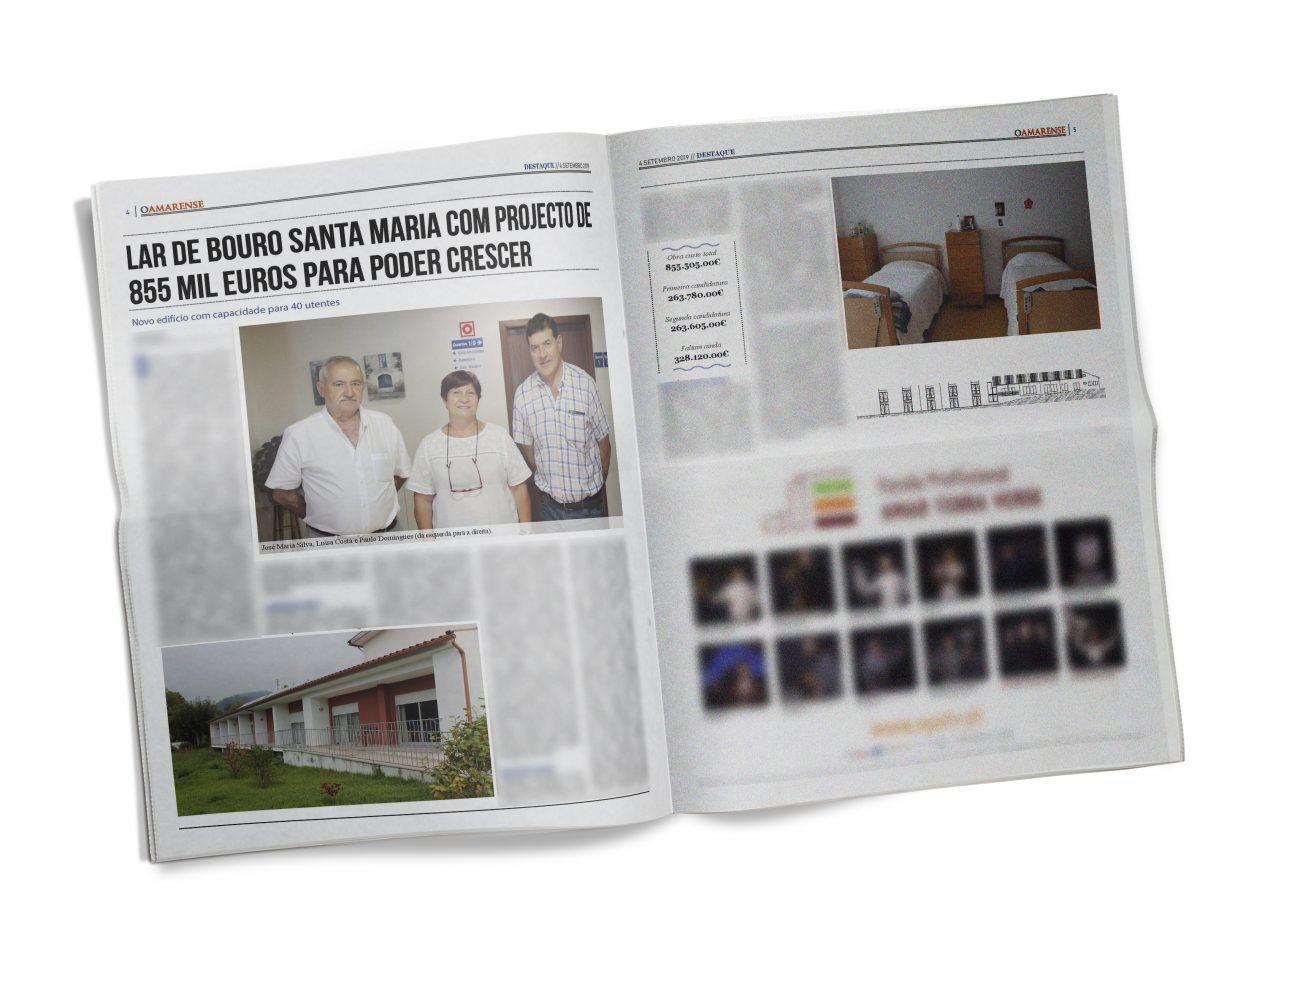 EDIÇÃO IMPRESSA – Lar de Bouro Santa Maria com projecto de 855 mil euros para crescer